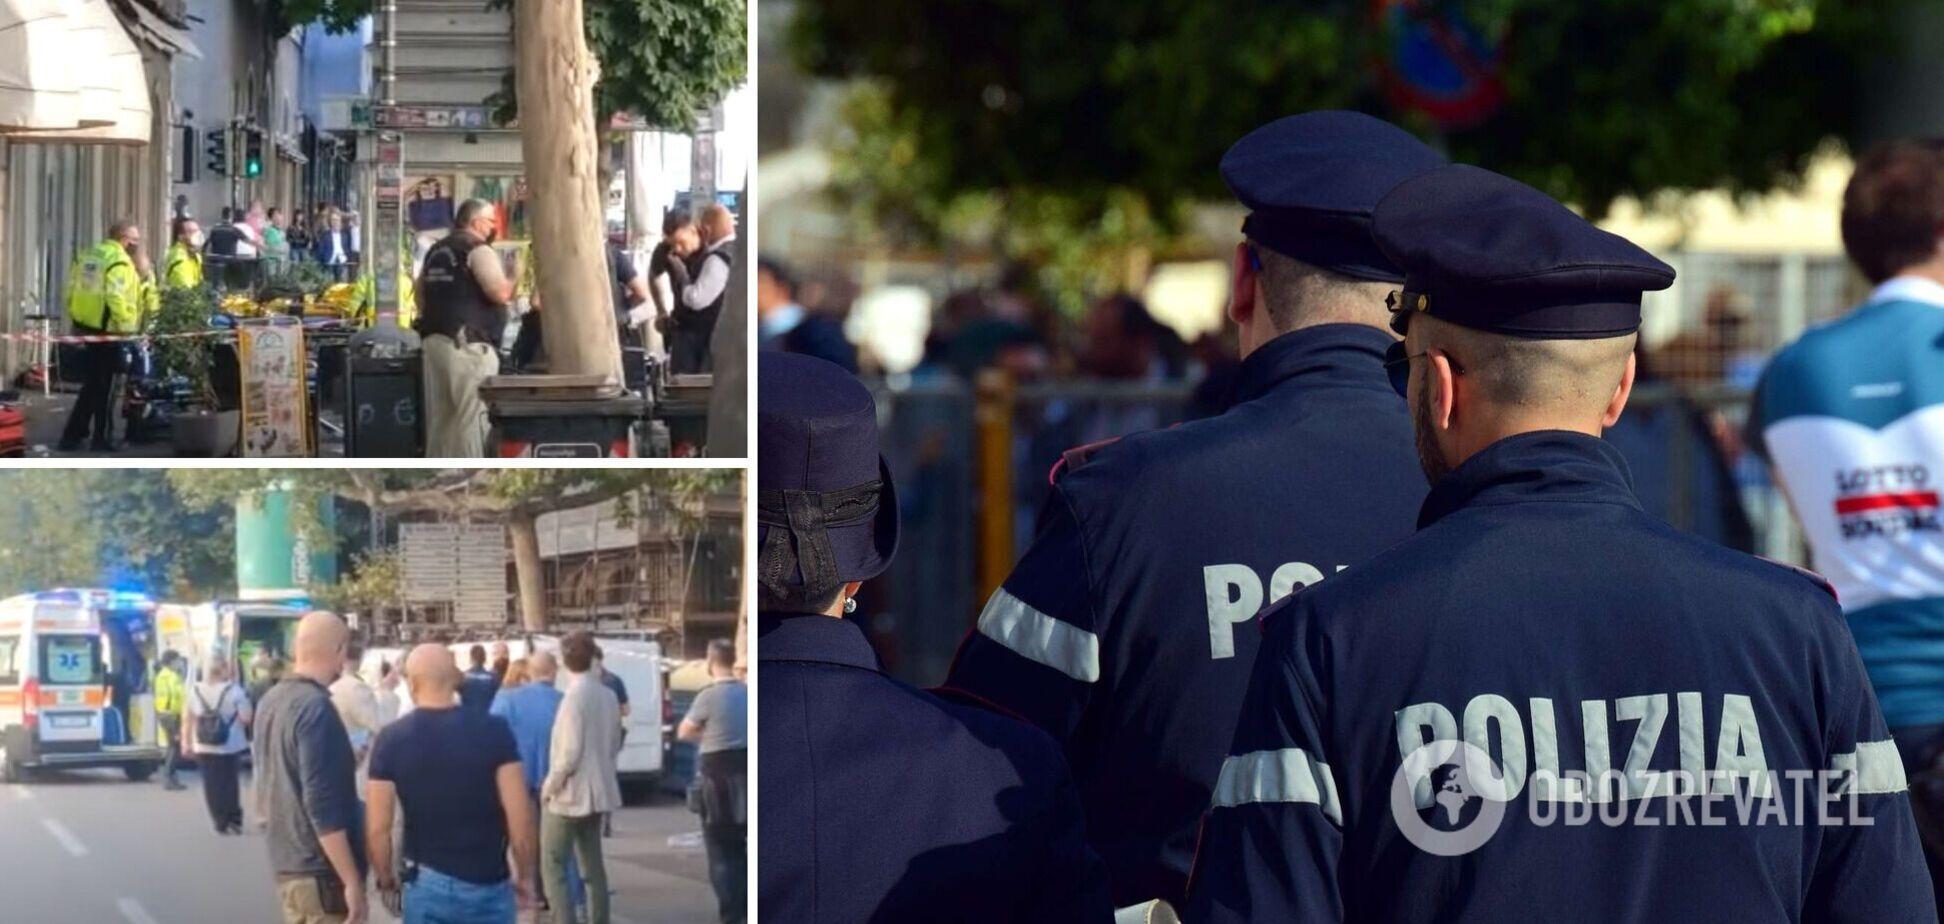 В итальянском Триесте произошла стрельба в центре города: 8 раненых. Видео